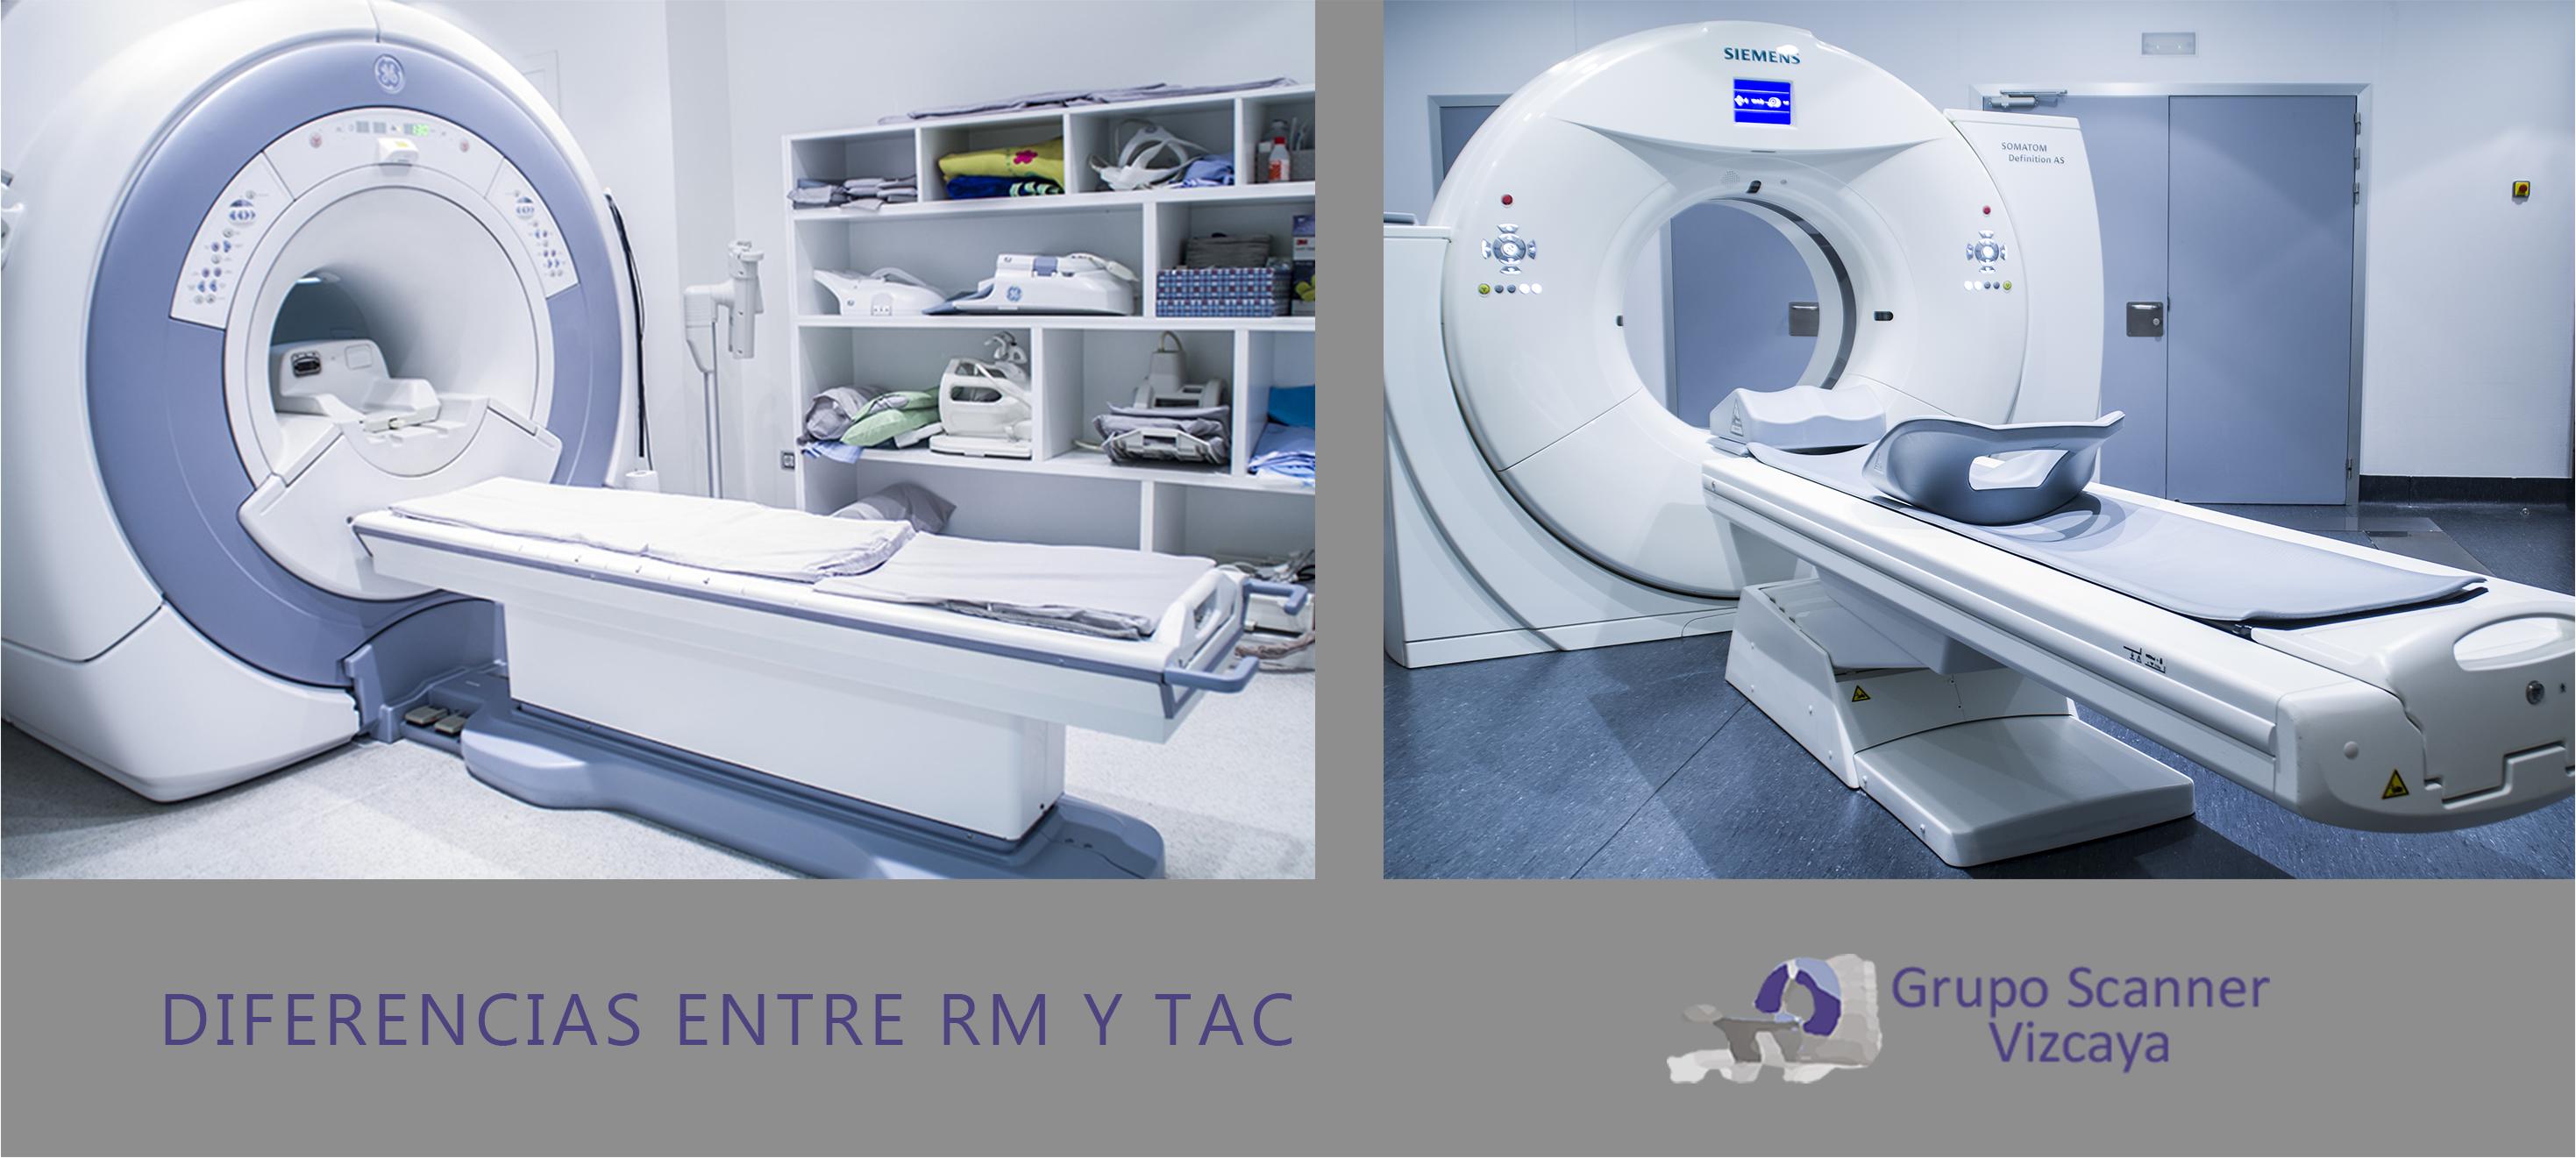 La Resonancia Magnética Y El Tac Son Las Pruebas De Diagnóstico Por Imagen Más Comunes Hoy Os Contamos Algunas Diagnostico Por Imagen Radiofrecuencia Antenas